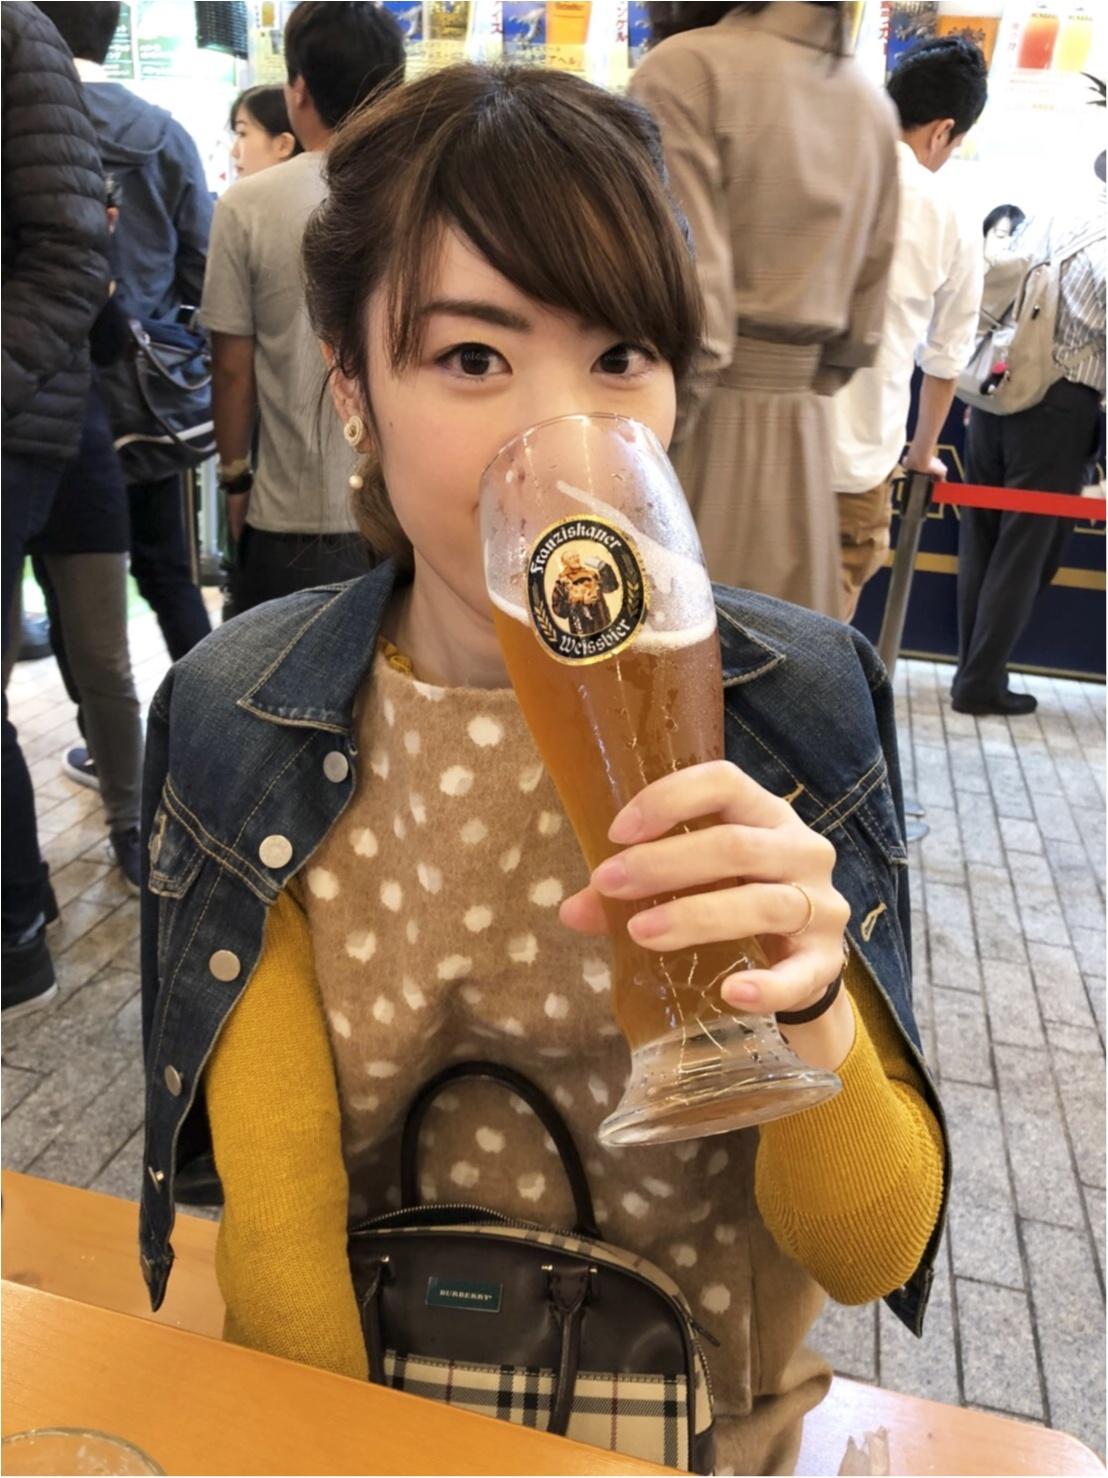 横浜女子旅特集《2019年版》- フォトジェニックな観光スポットから、日本一分厚いパンケーキなど魅力がいっぱい!_81